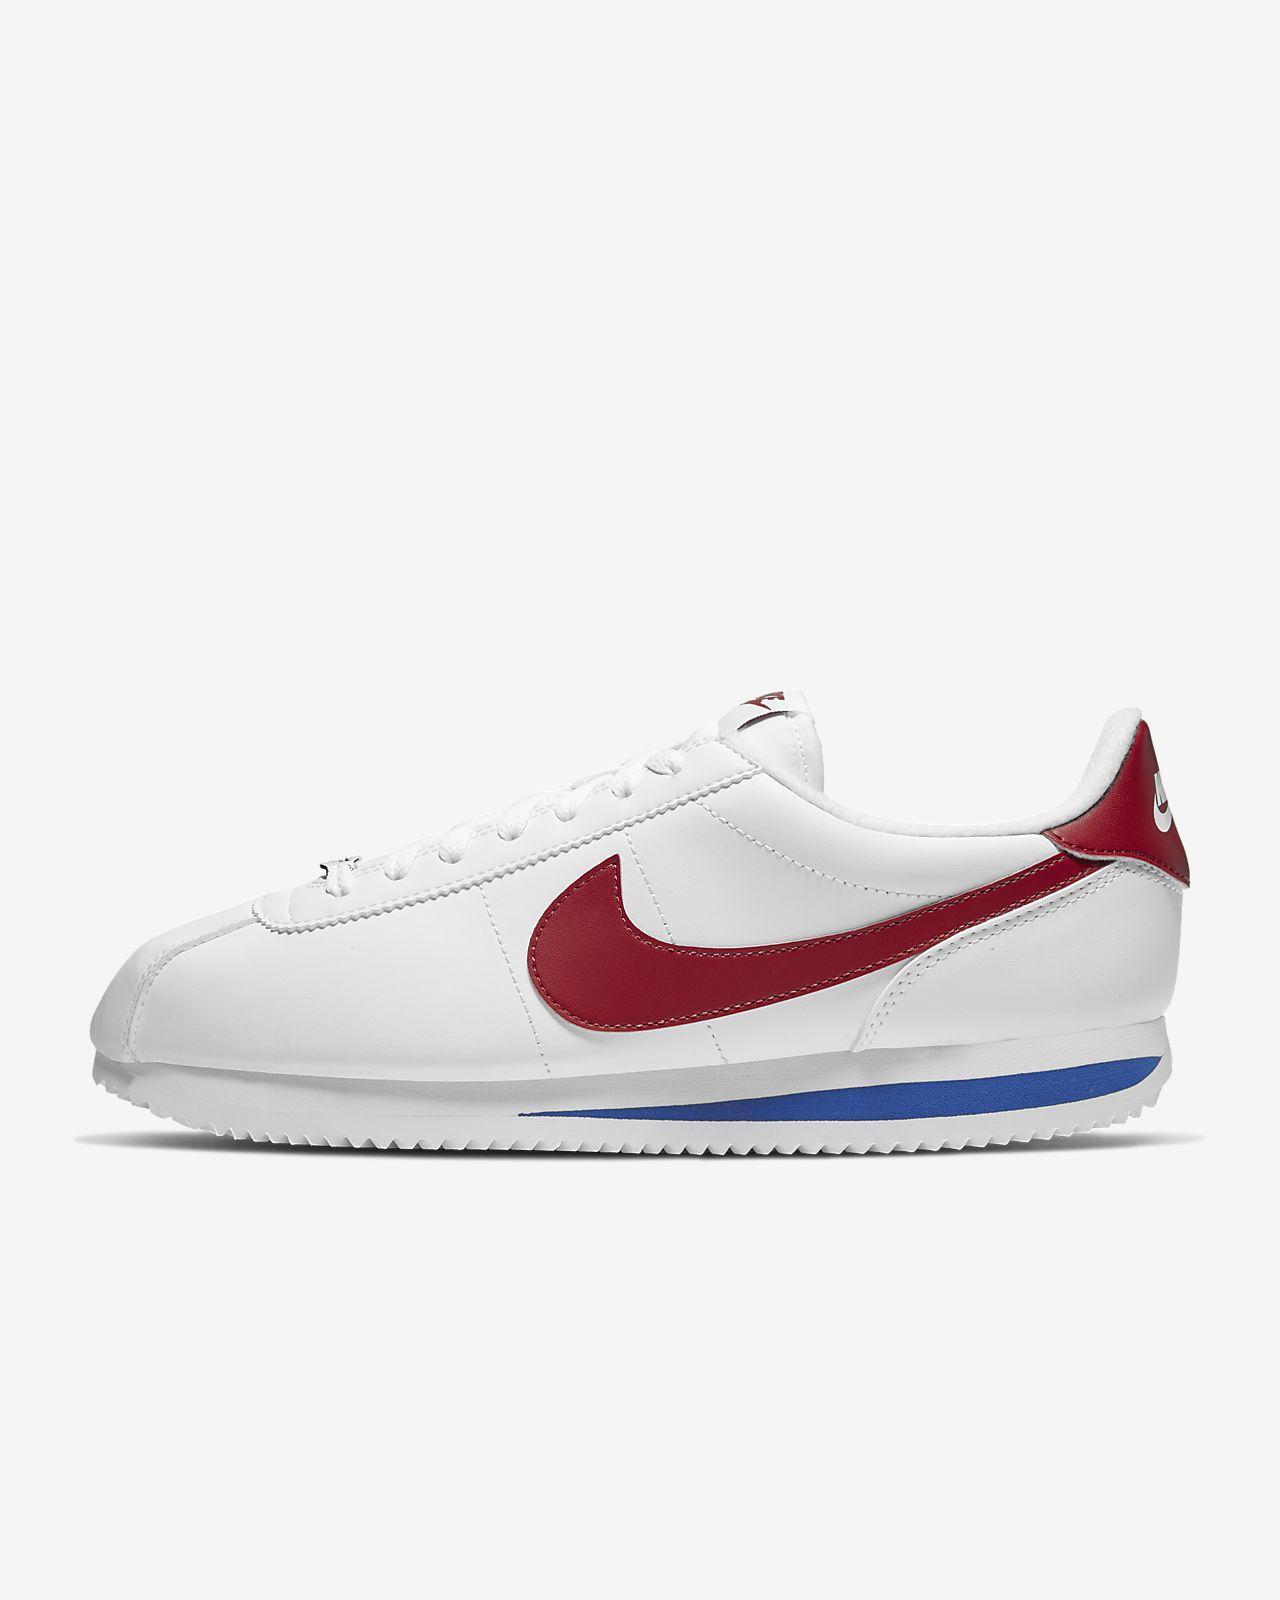 Nike Cortez Basic 鞋款